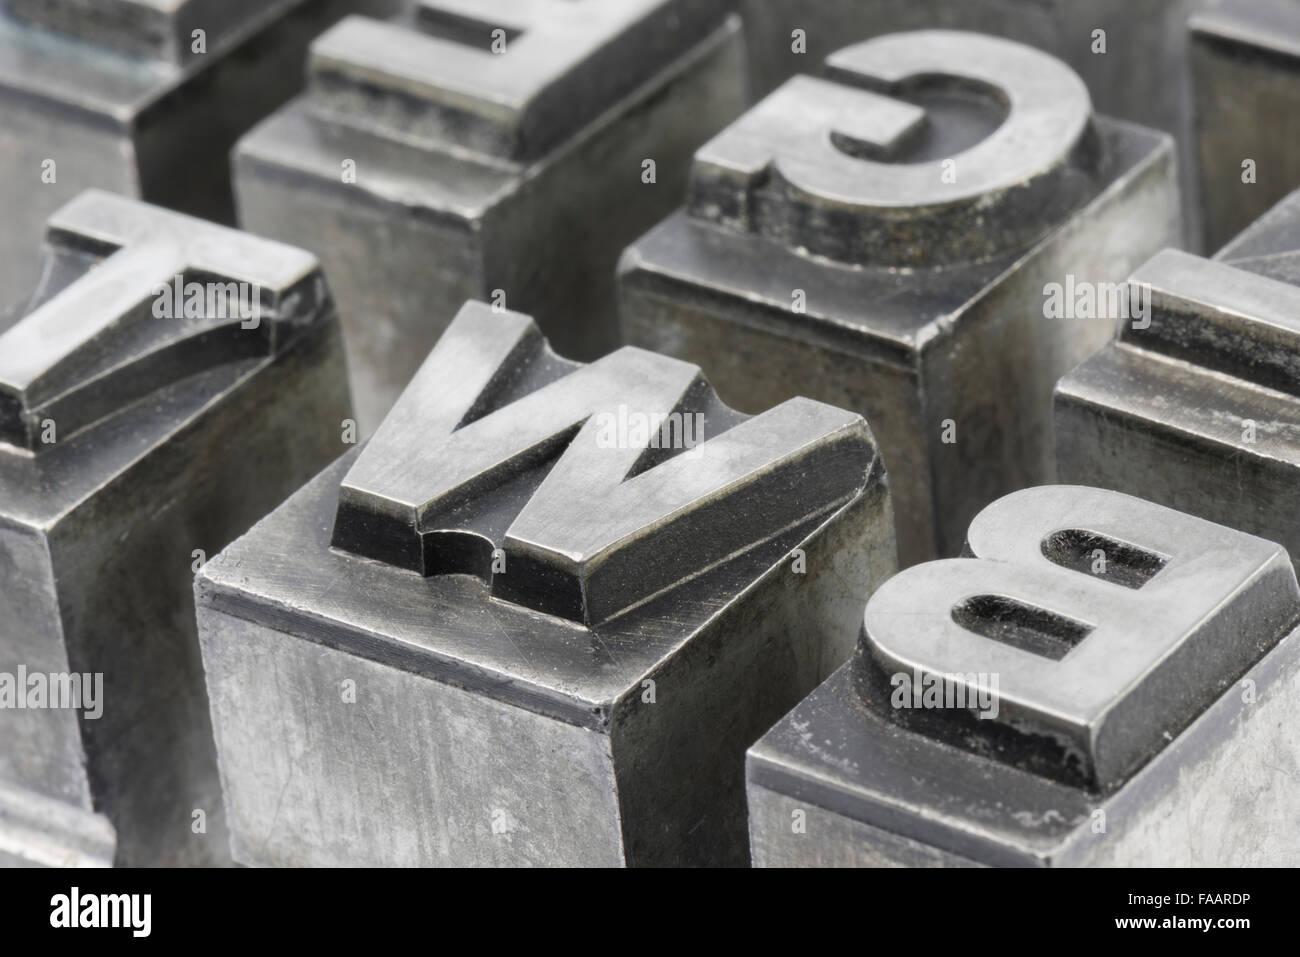 alten f hren tinte typ aus einem buch druckerei drucken historische metall lettern aus eine. Black Bedroom Furniture Sets. Home Design Ideas